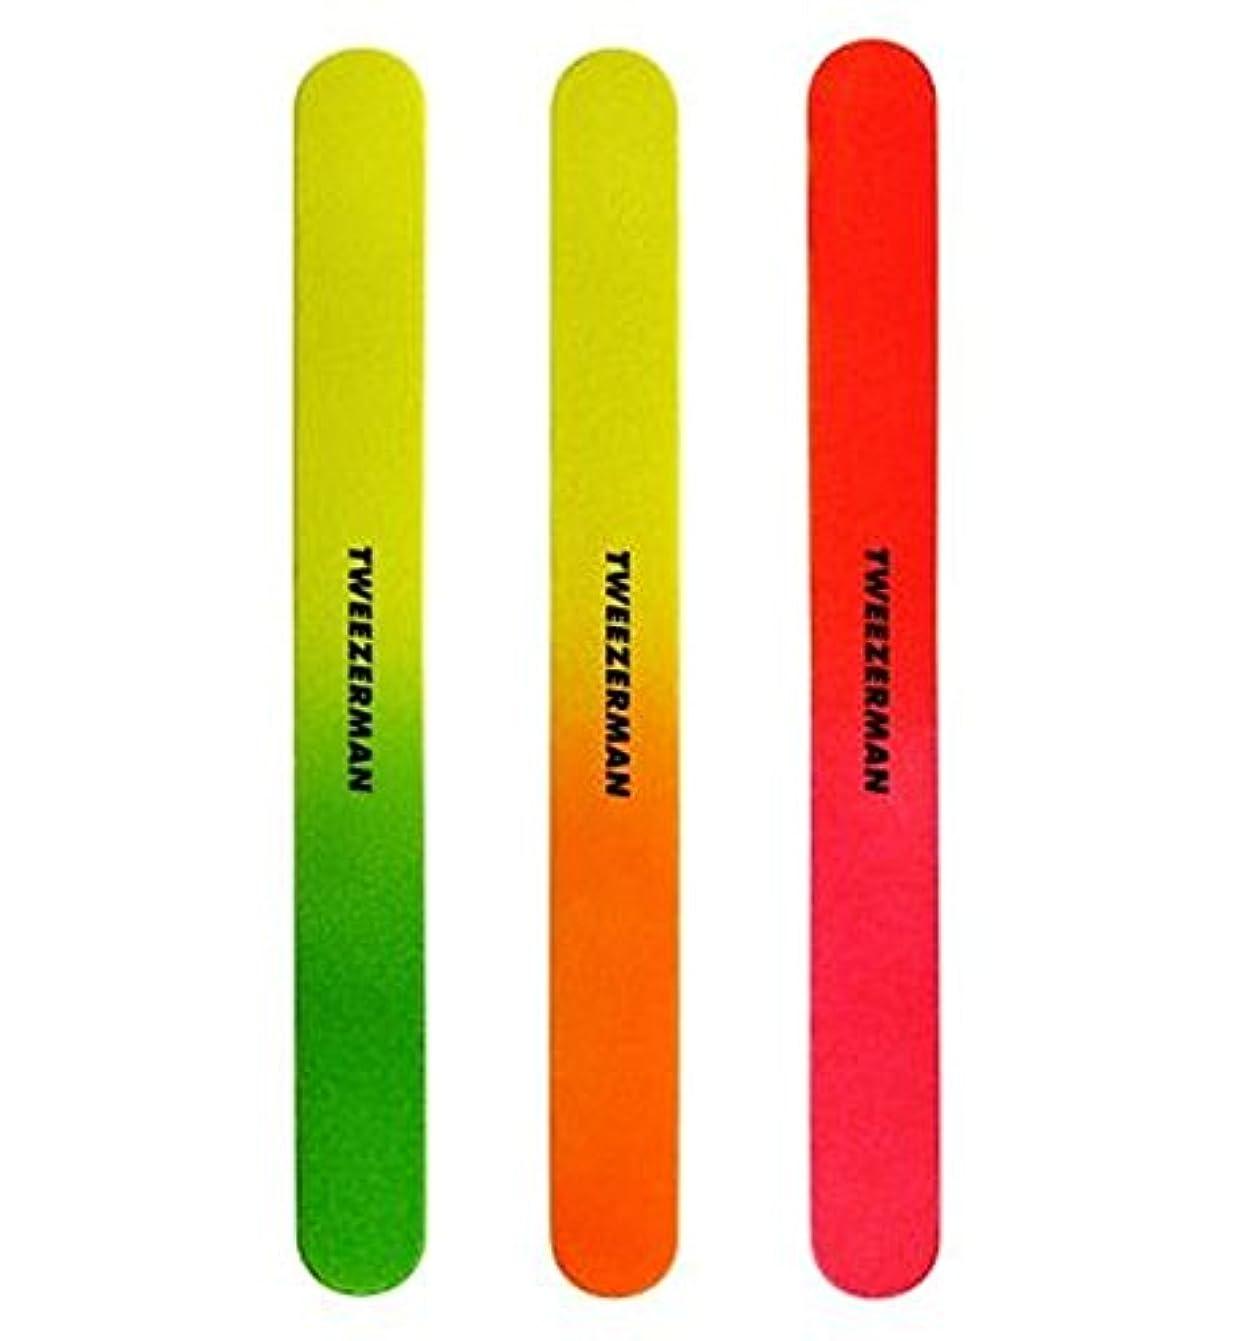 仮定する近似ラッドヤードキップリングTweezerman Neon Files pack of 3 - 3のツィーザーマンネオンファイルパック (Tweezerman) [並行輸入品]